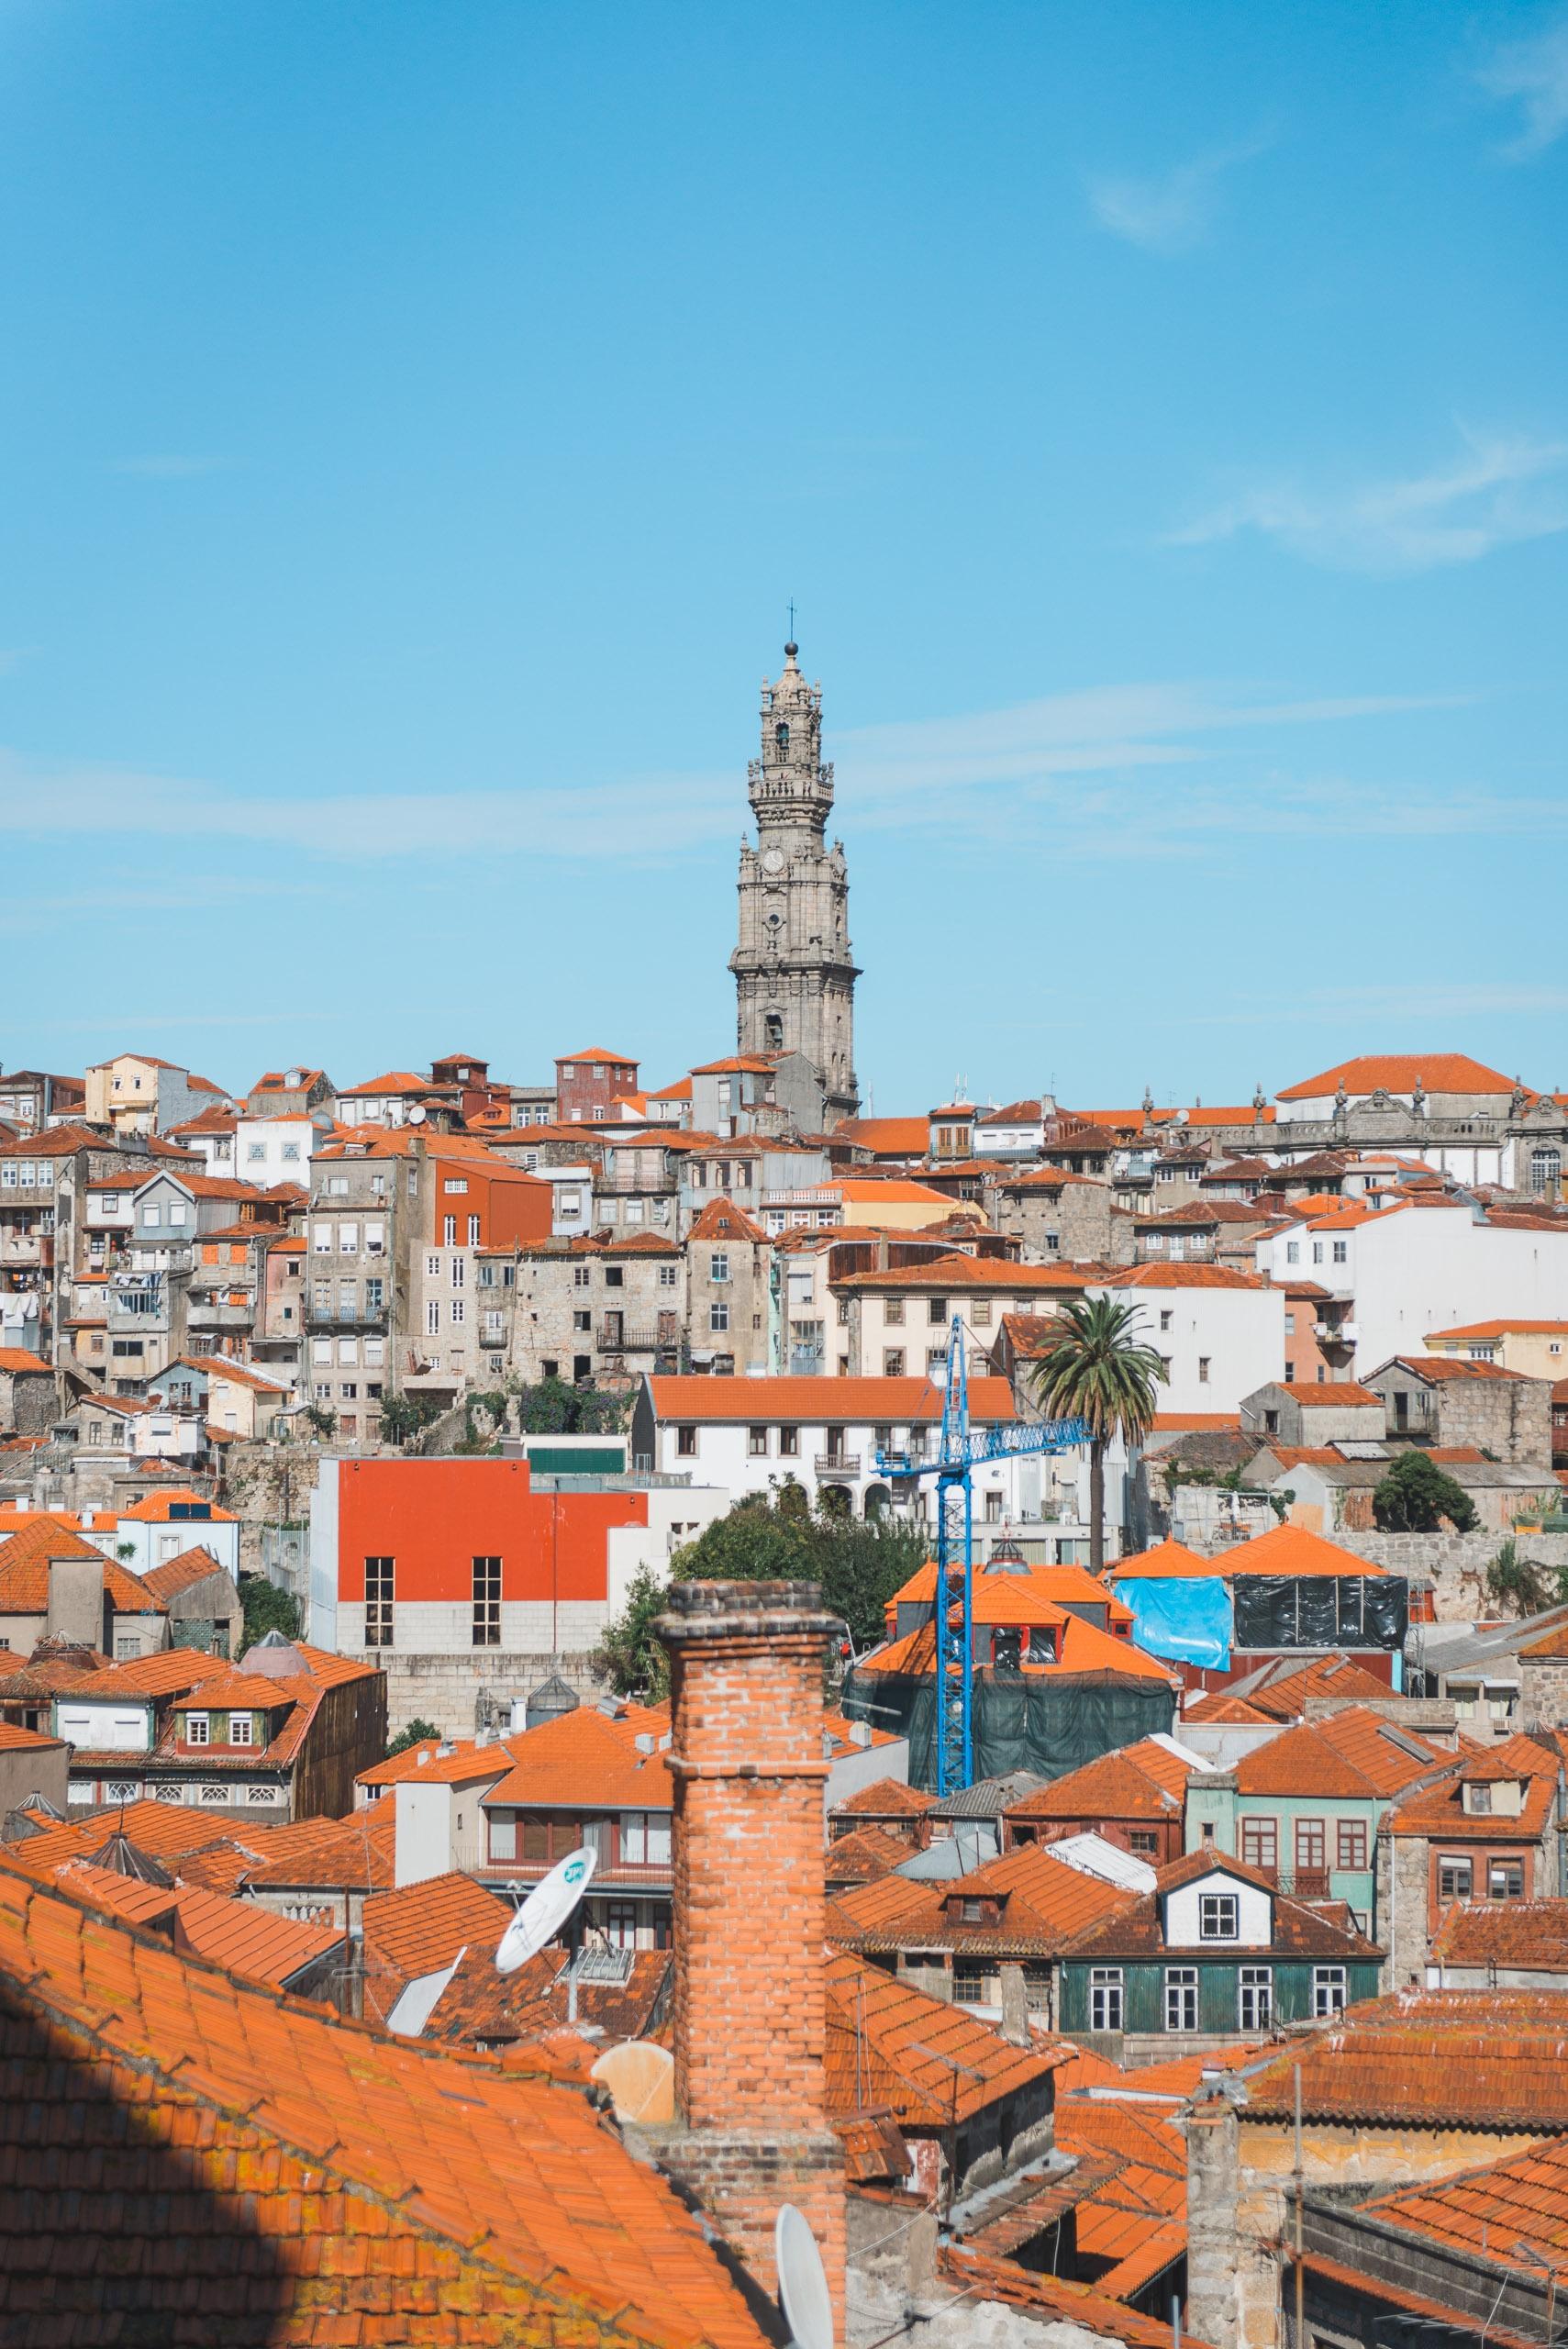 Portugal - Porto - 2012-0927-DSC_1957_113358